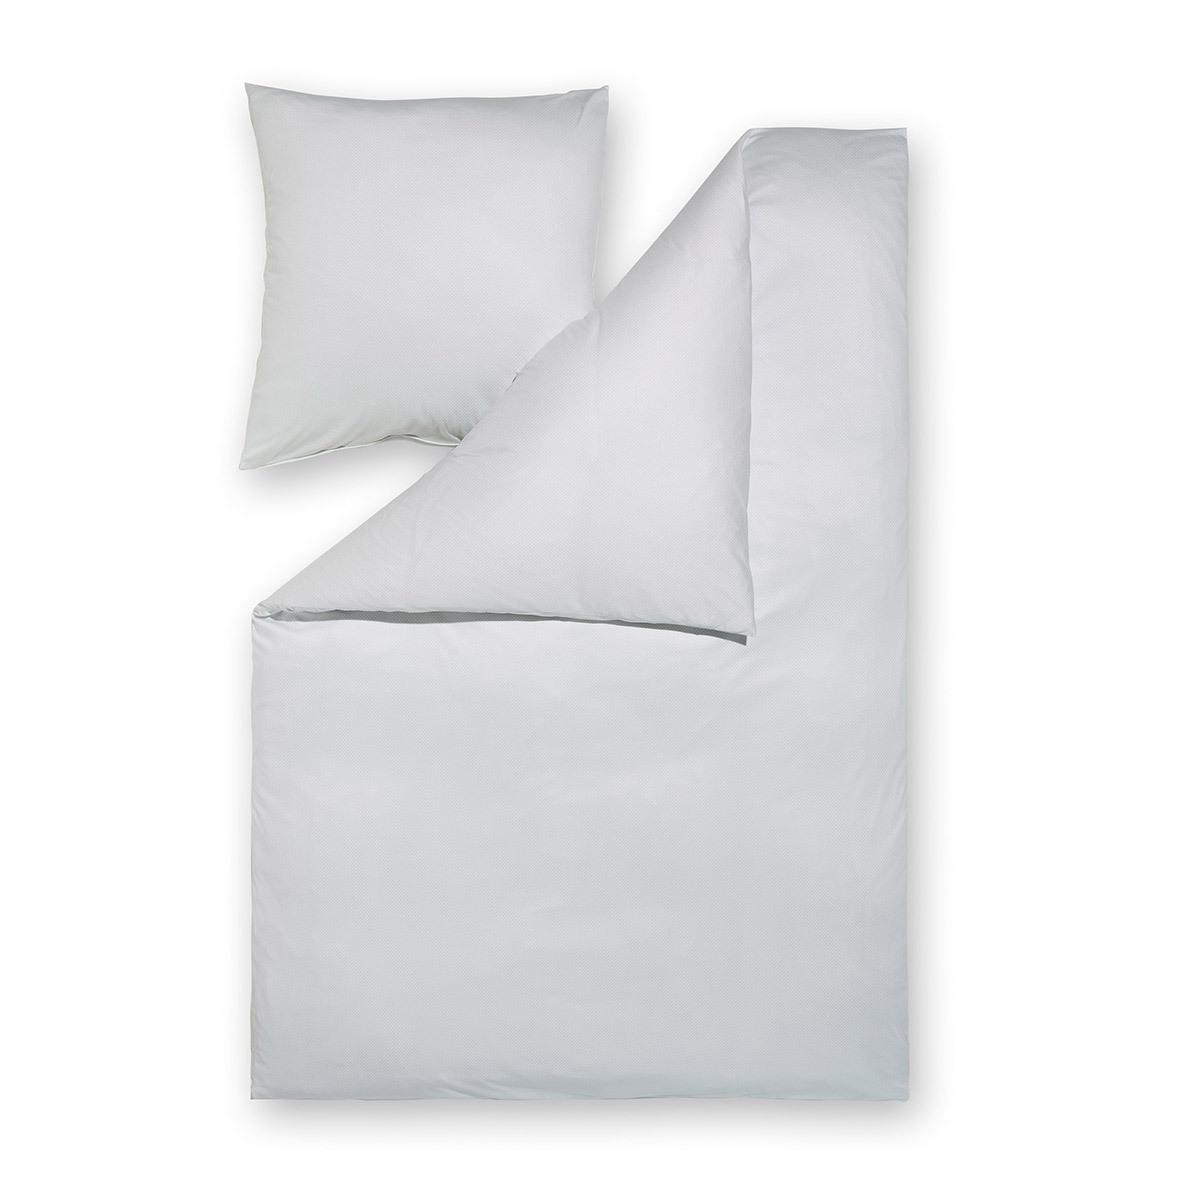 estella mako interlock jersey bettw sche tamar silber g nstig online kaufen bei bettwaren shop. Black Bedroom Furniture Sets. Home Design Ideas